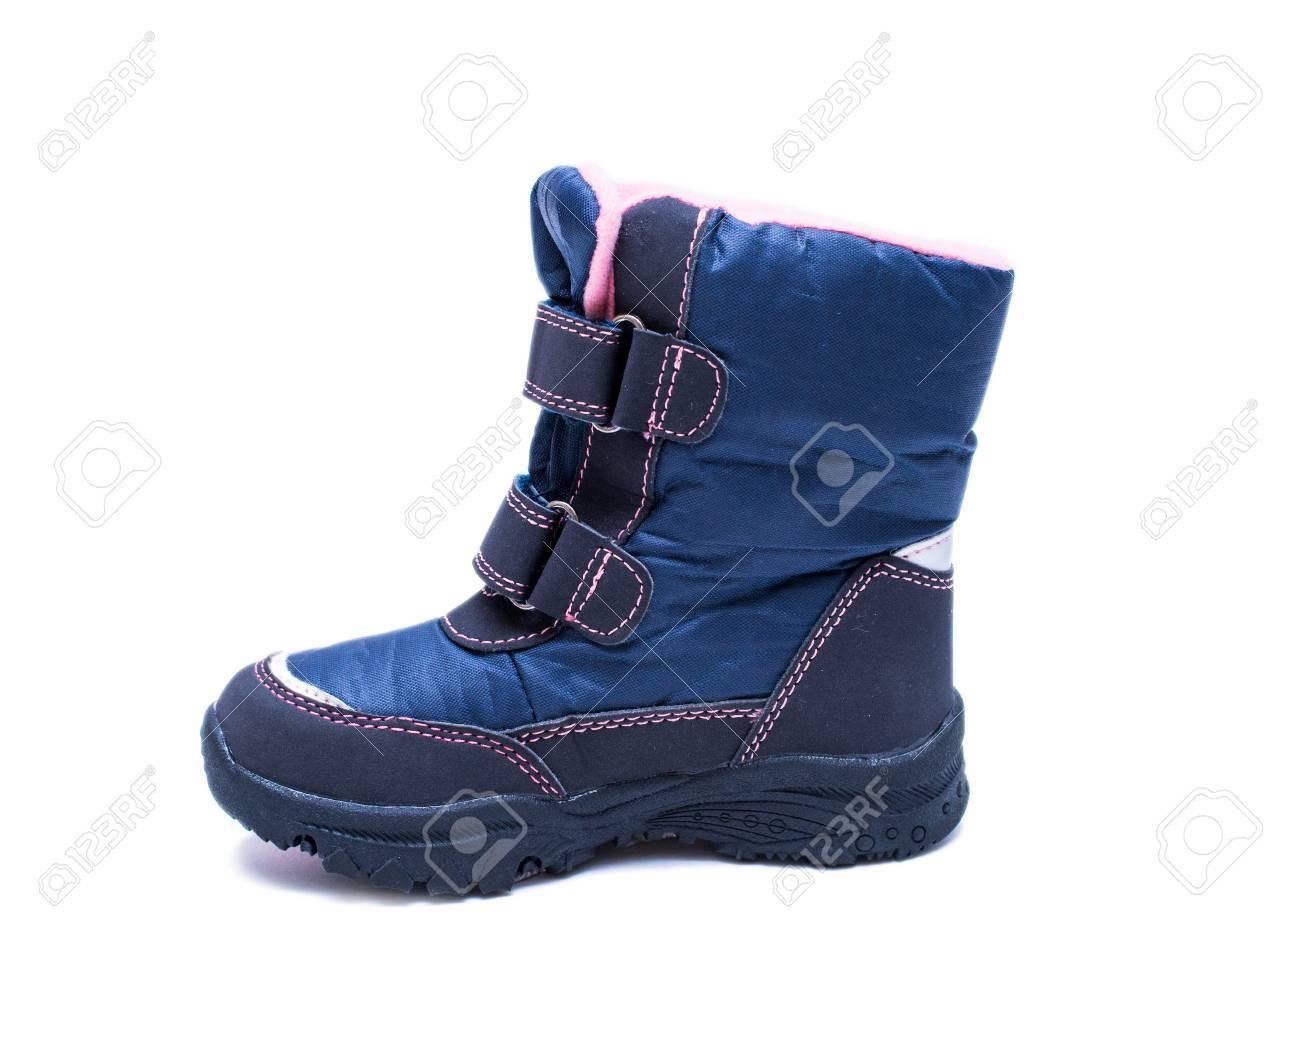 Las botas de la moda del otoño o del invierno de los niños aisladas en el fondo blanco. Zapatos de bebé